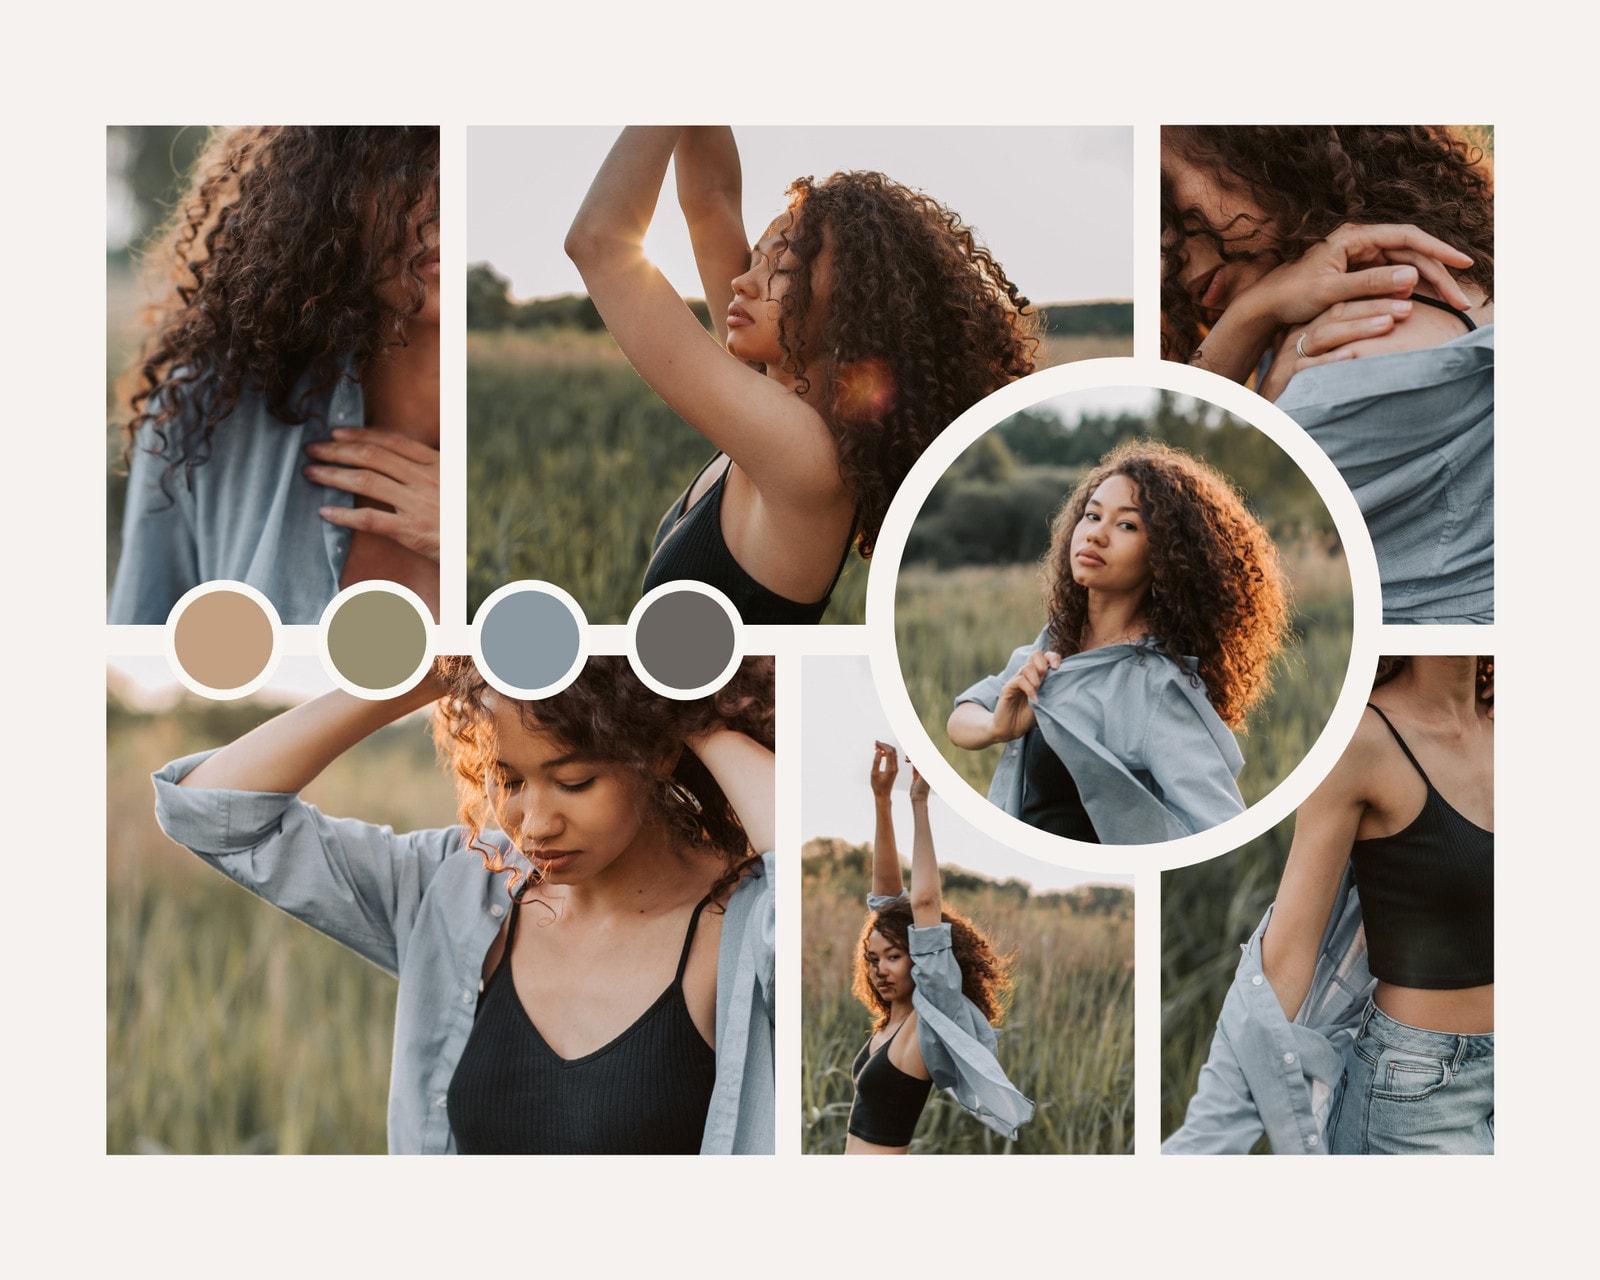 Moderno Gris y Marrón Limpio Cuadrícula Moda Panel de Inspiración Collage de Fotos